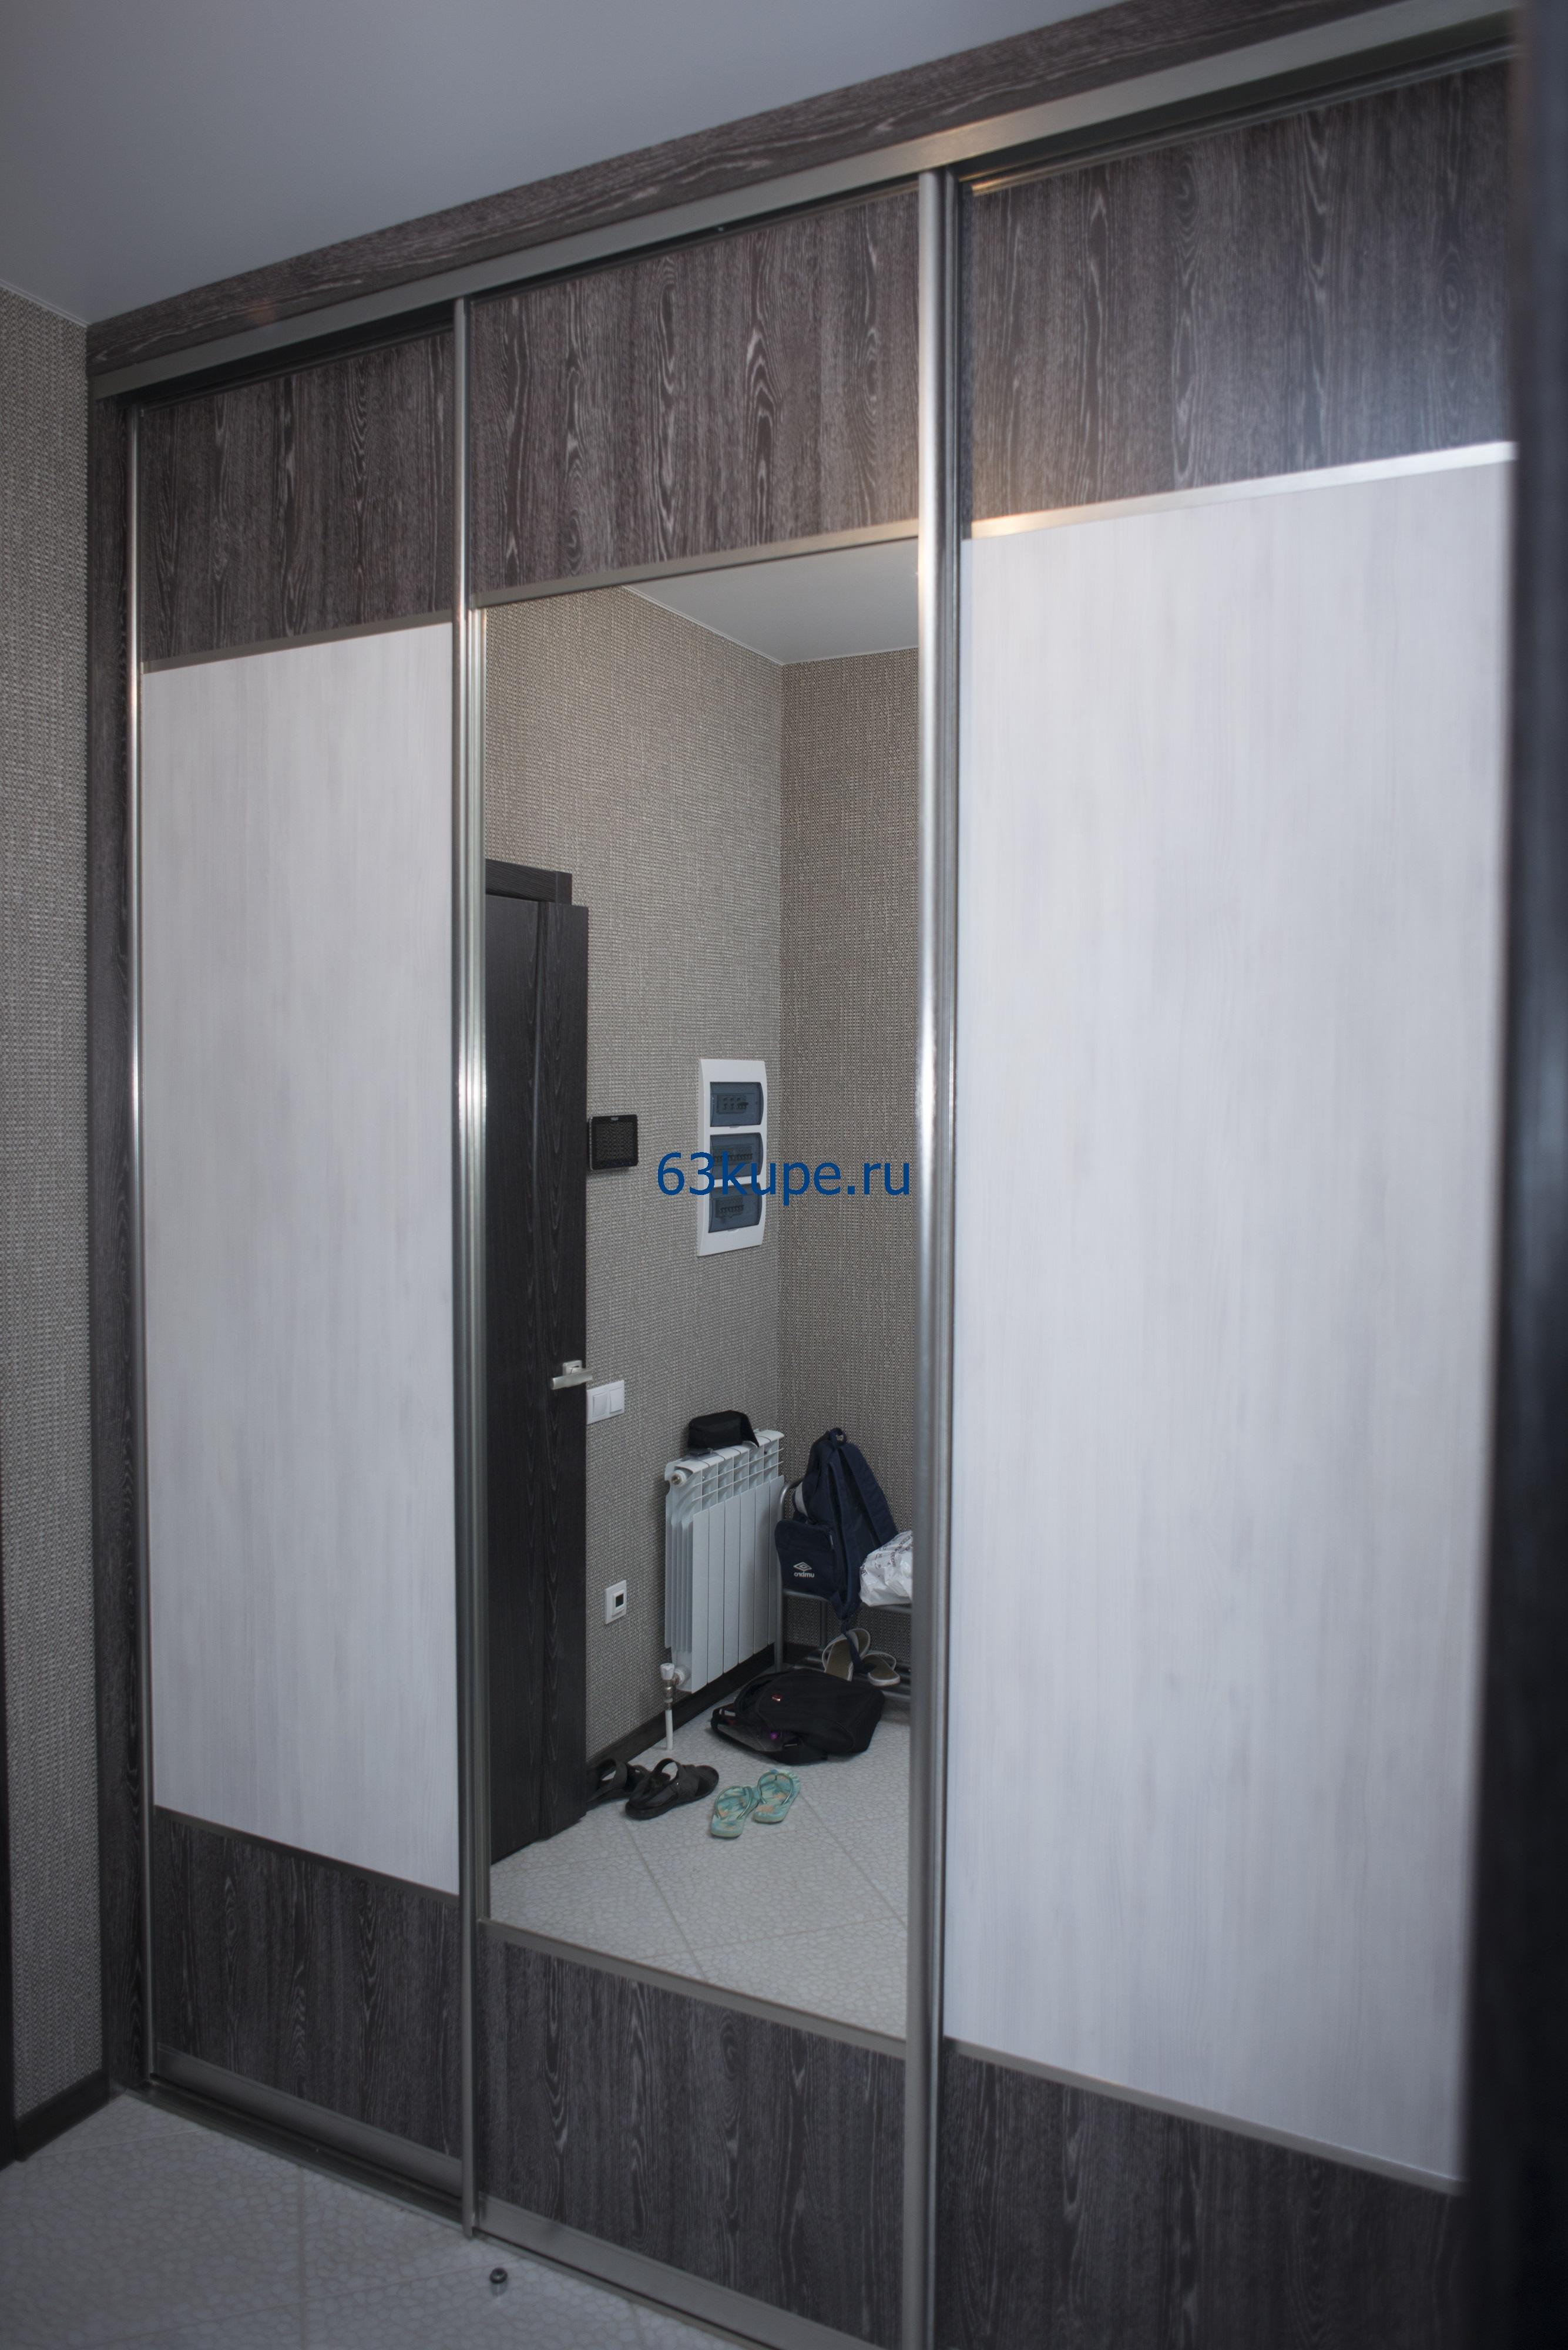 Шкаф купе в прихожую, высота до потолка 2,8 метра.